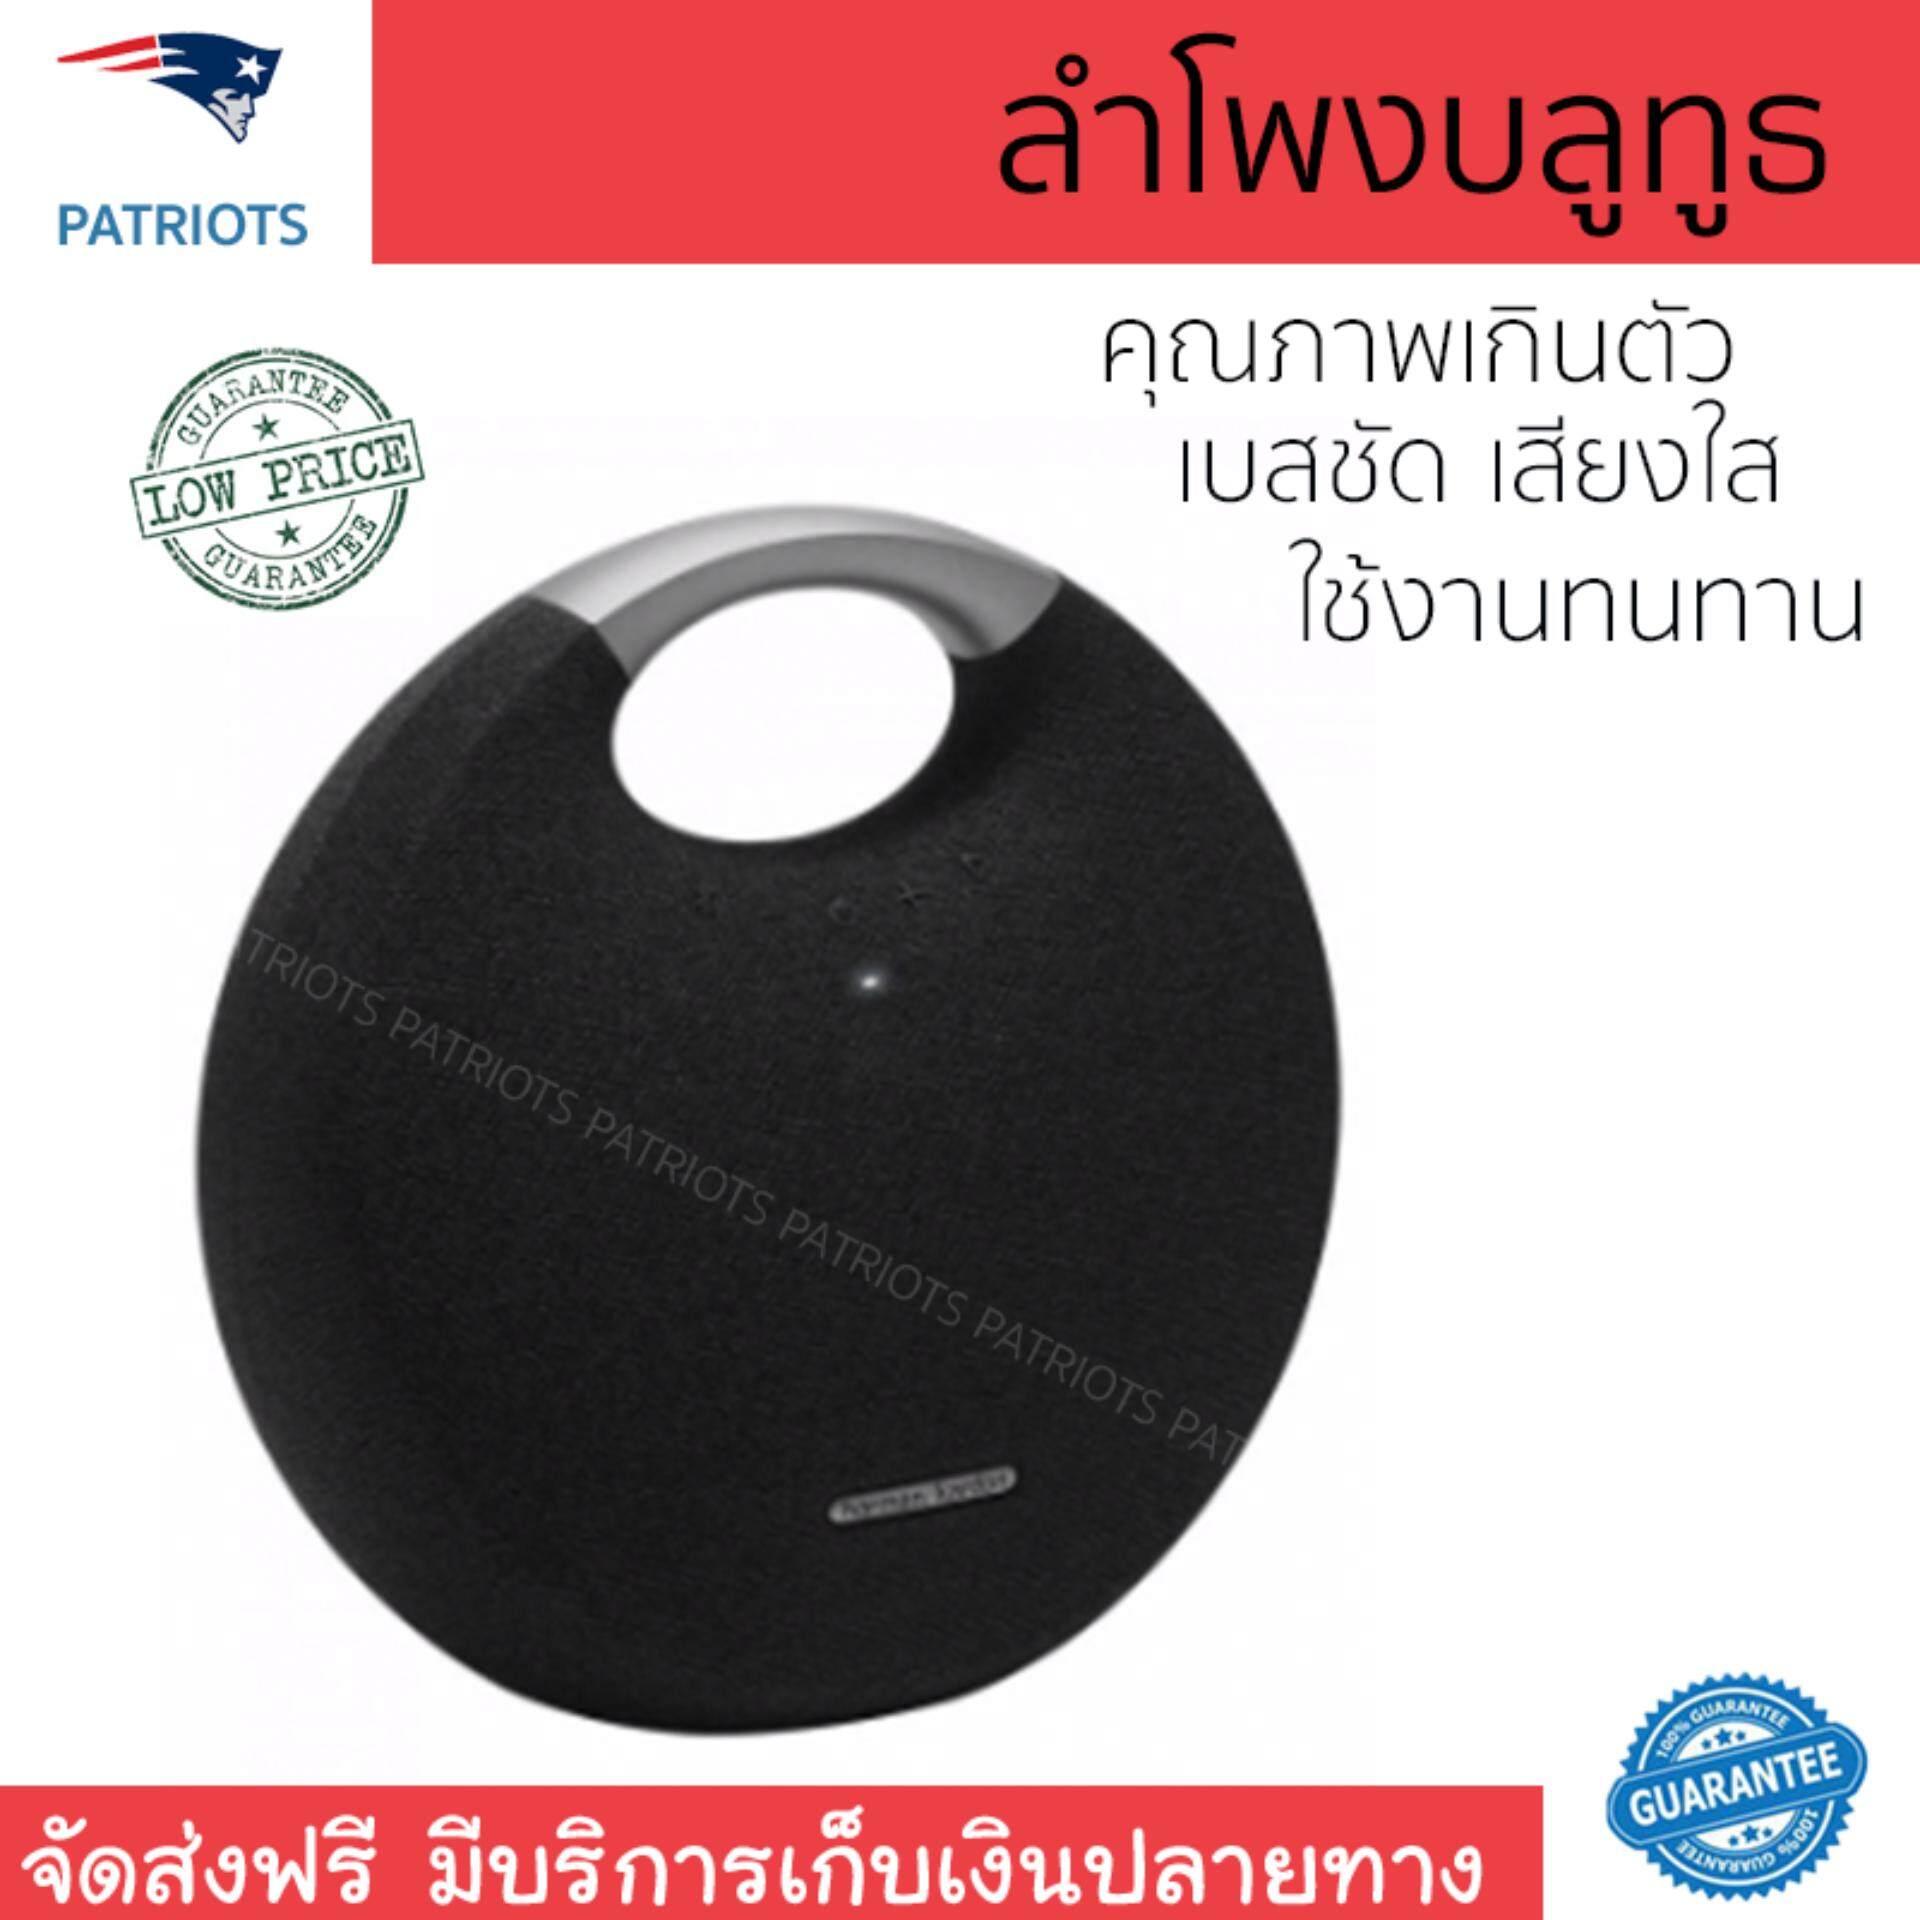 สอนใช้งาน  ลพบุรี จัดส่งฟรี ลำโพงบลูทูธ  Harman Kardon Bluetooth Speaker 2.1 Onyx Studio 5 Black เสียงใส คุณภาพเกินตัว Wireless Bluetooth Speaker รับประกัน 1 ปี